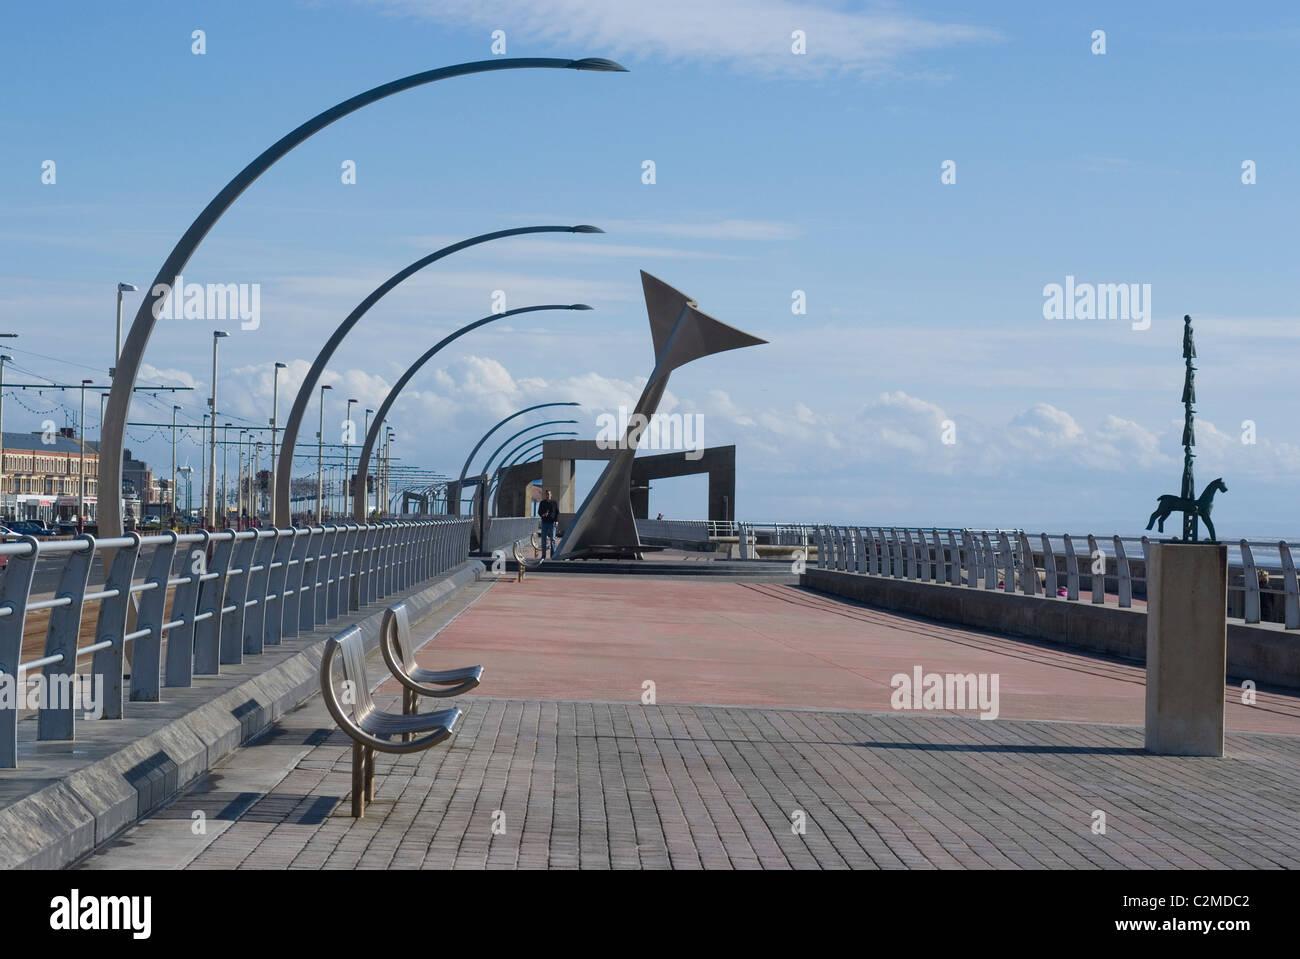 South Shore Promenade, Blackpool, Lancashire, England. Swivelling windshelters. - Stock Image